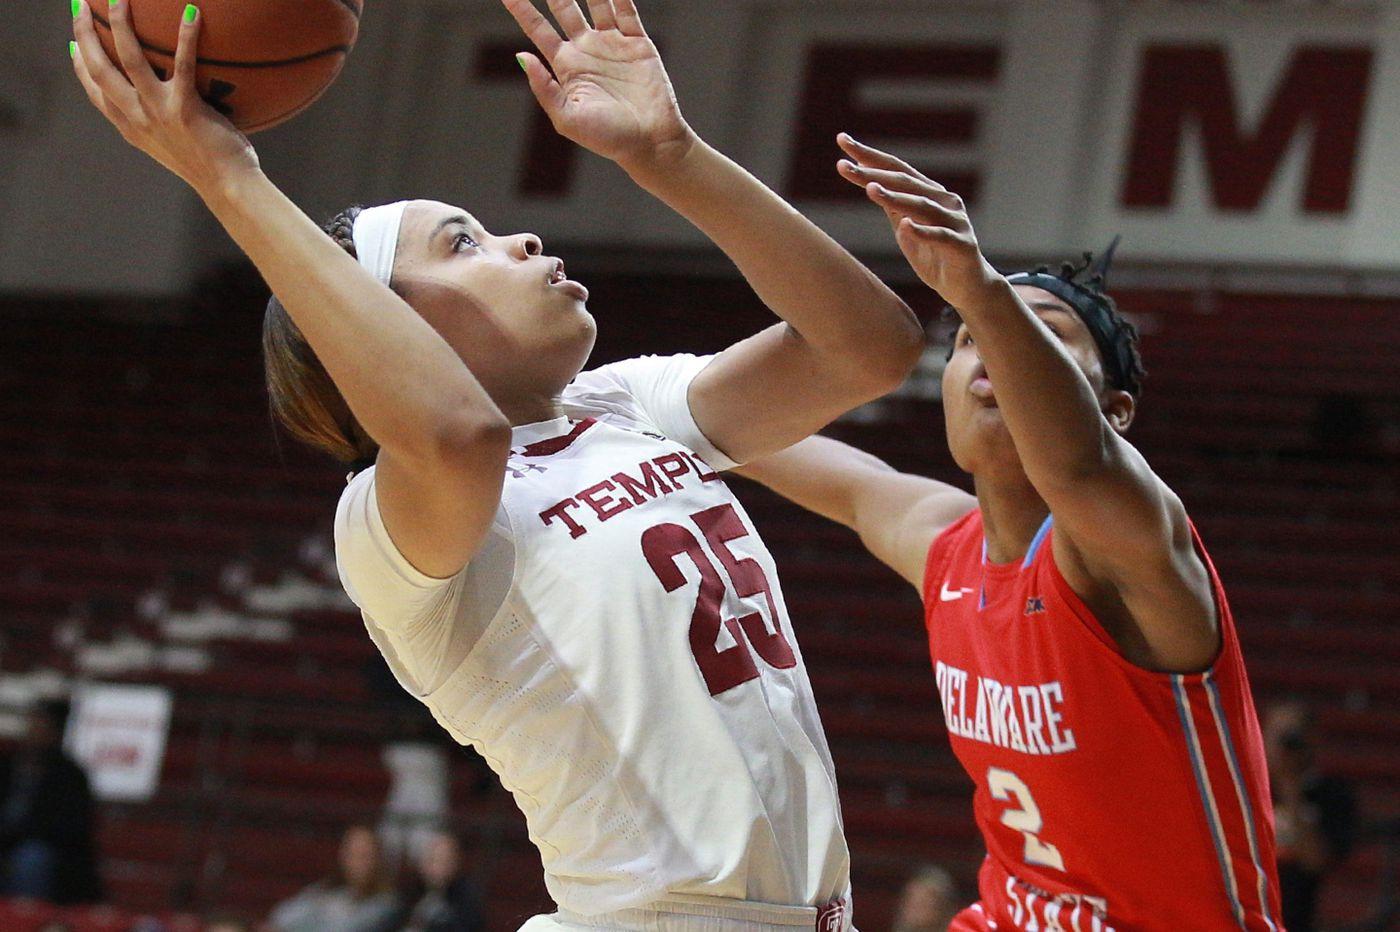 Women's City Six: Mia Davis impresses in Temple's win over Duquesne